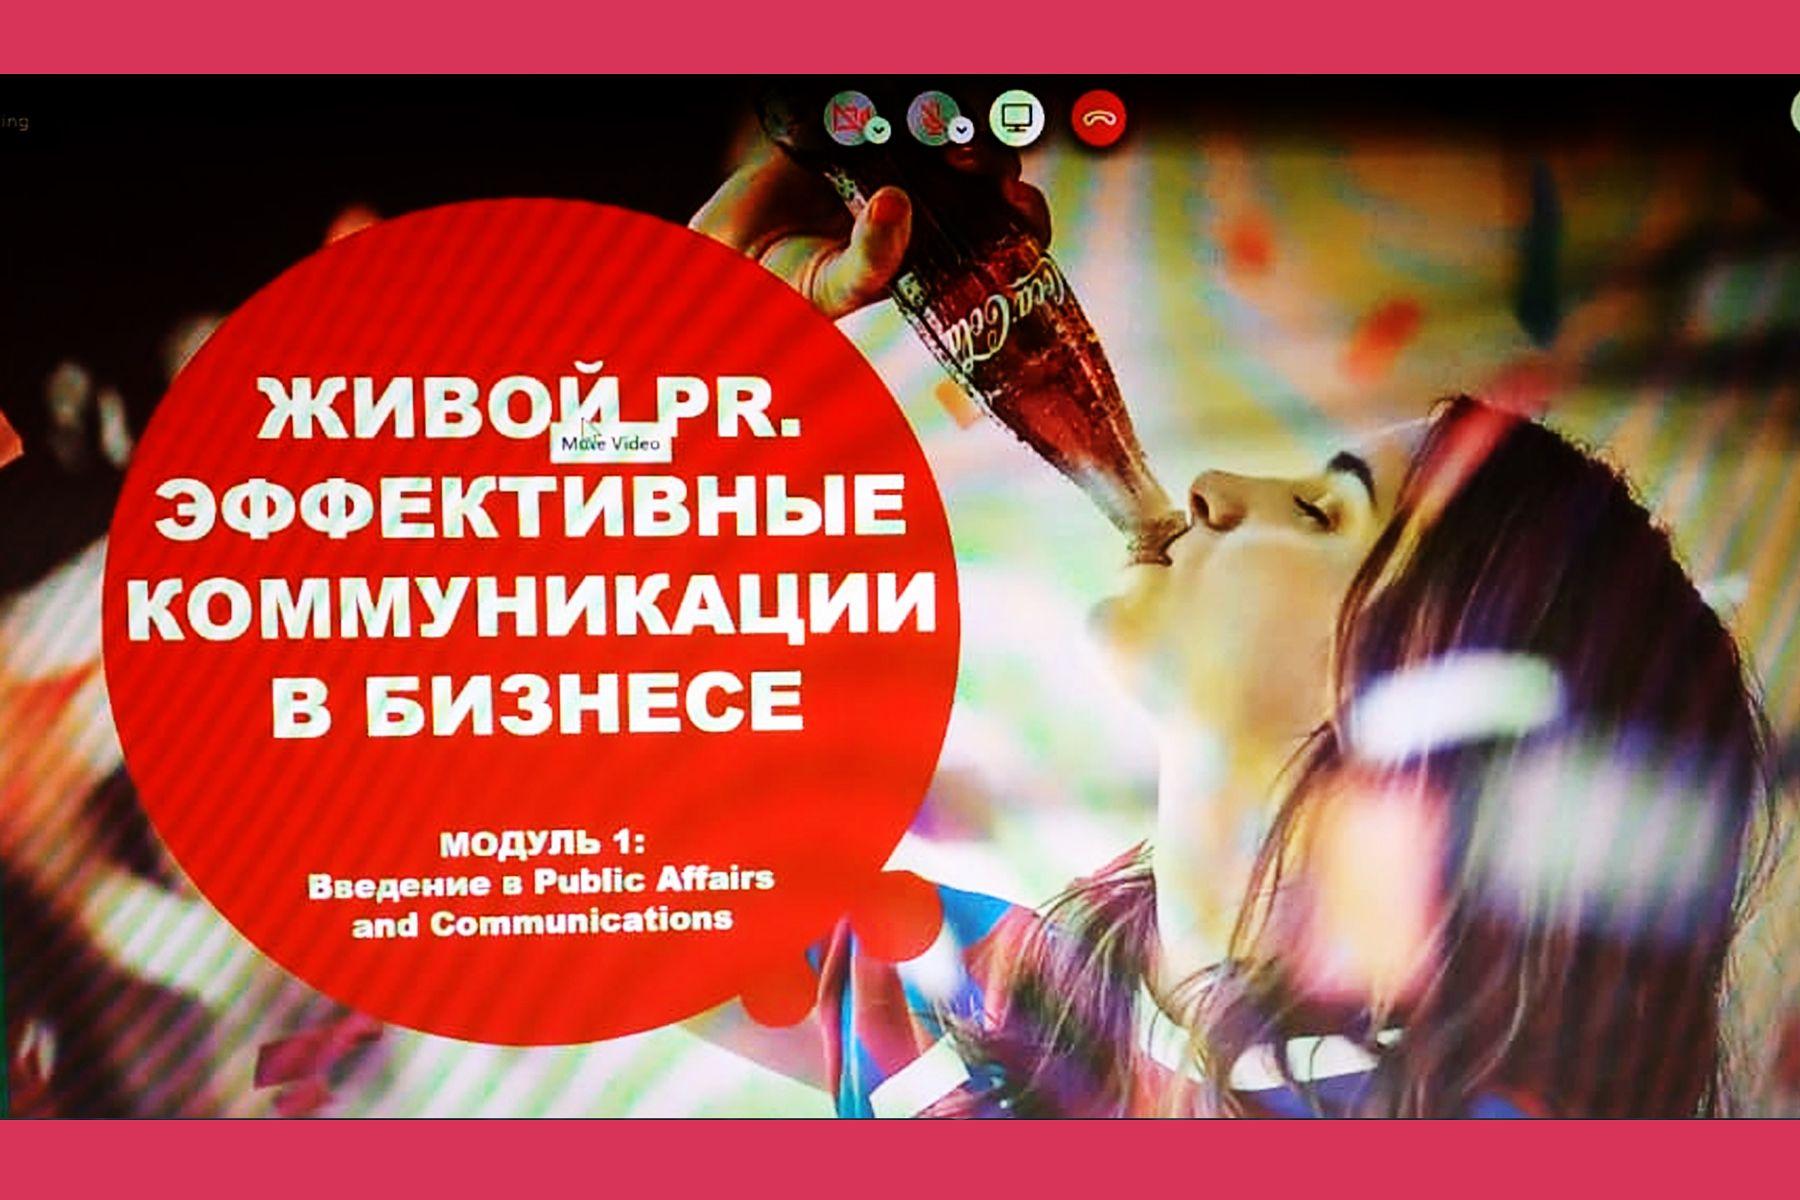 «Живой PR»: новый образовательный интенсив для студентов от партнера ВГУЭС